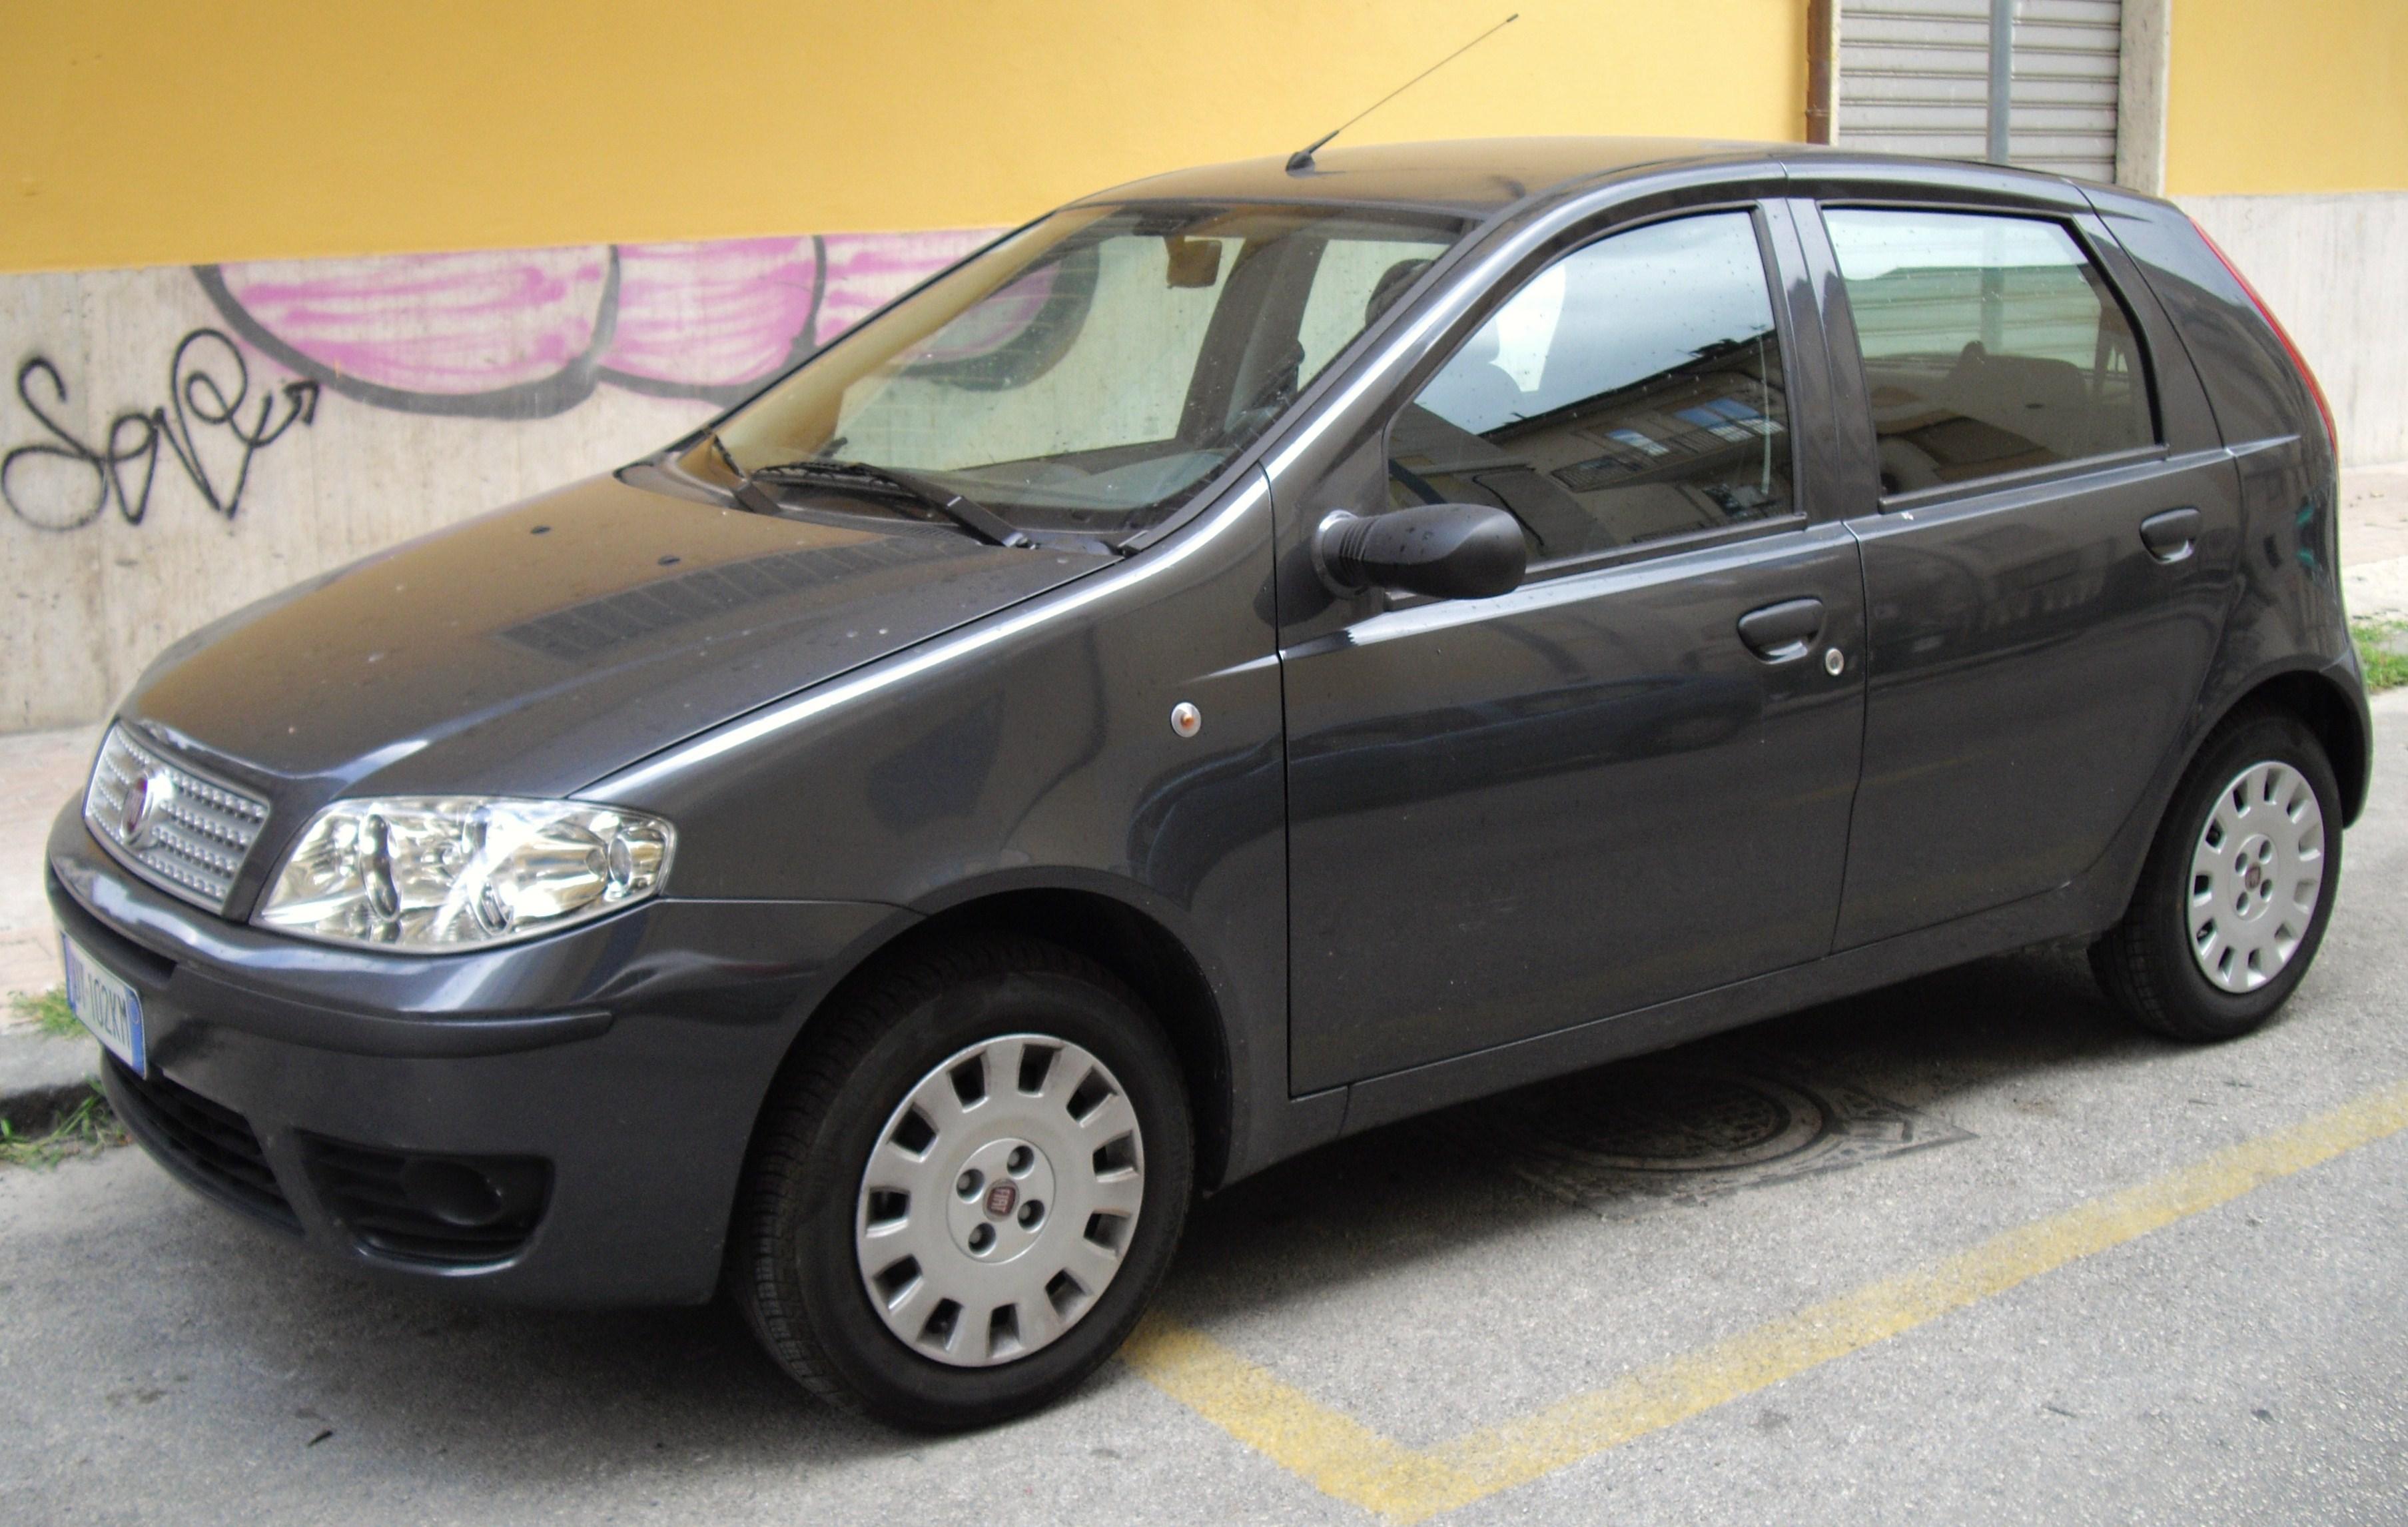 Description 2009 Fiat Punto Classic 188 front.JPG